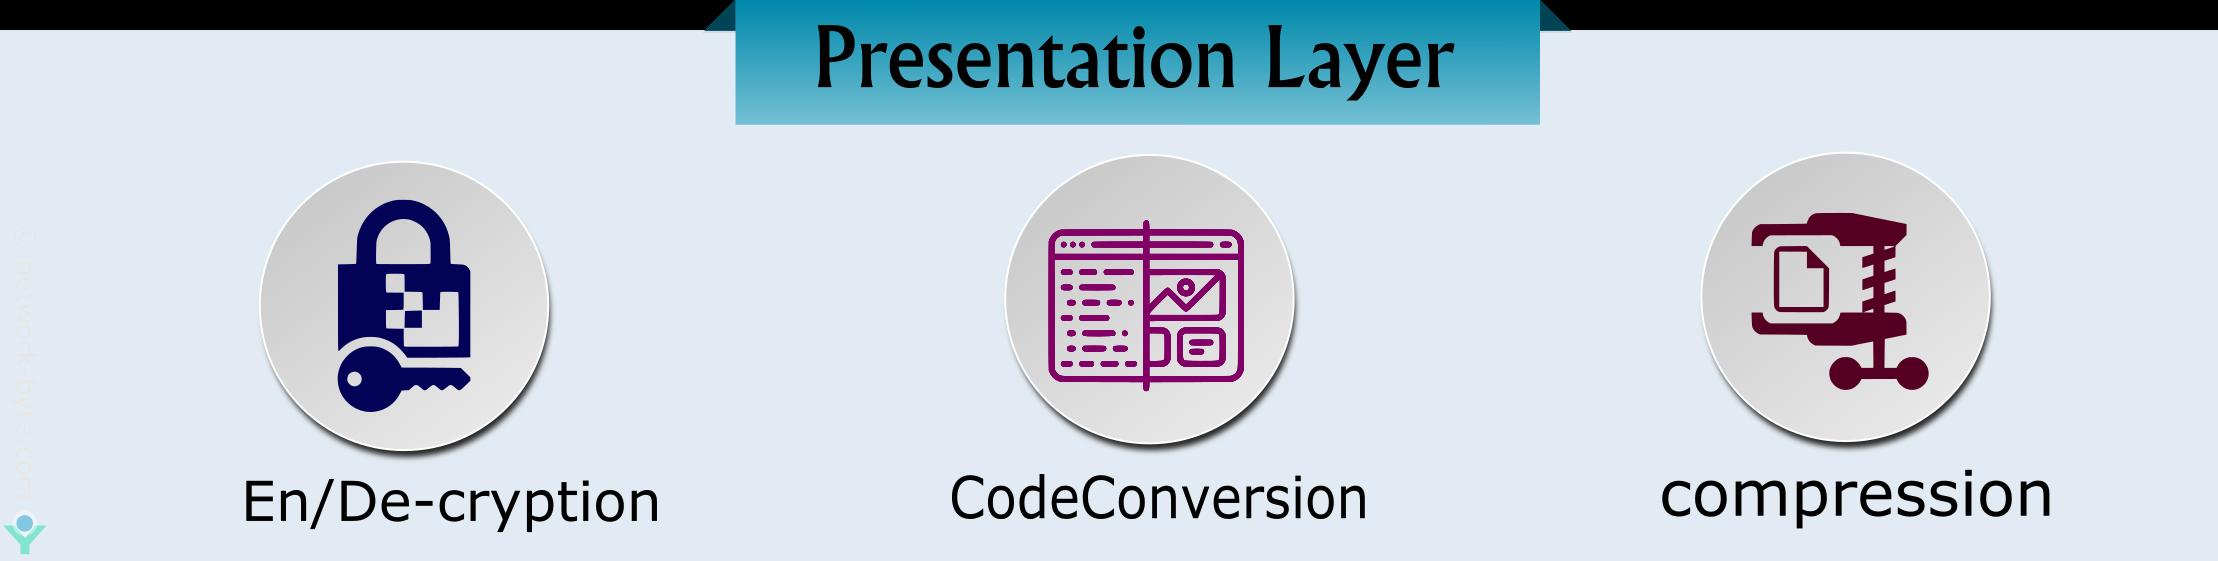 presentation layer in osi model